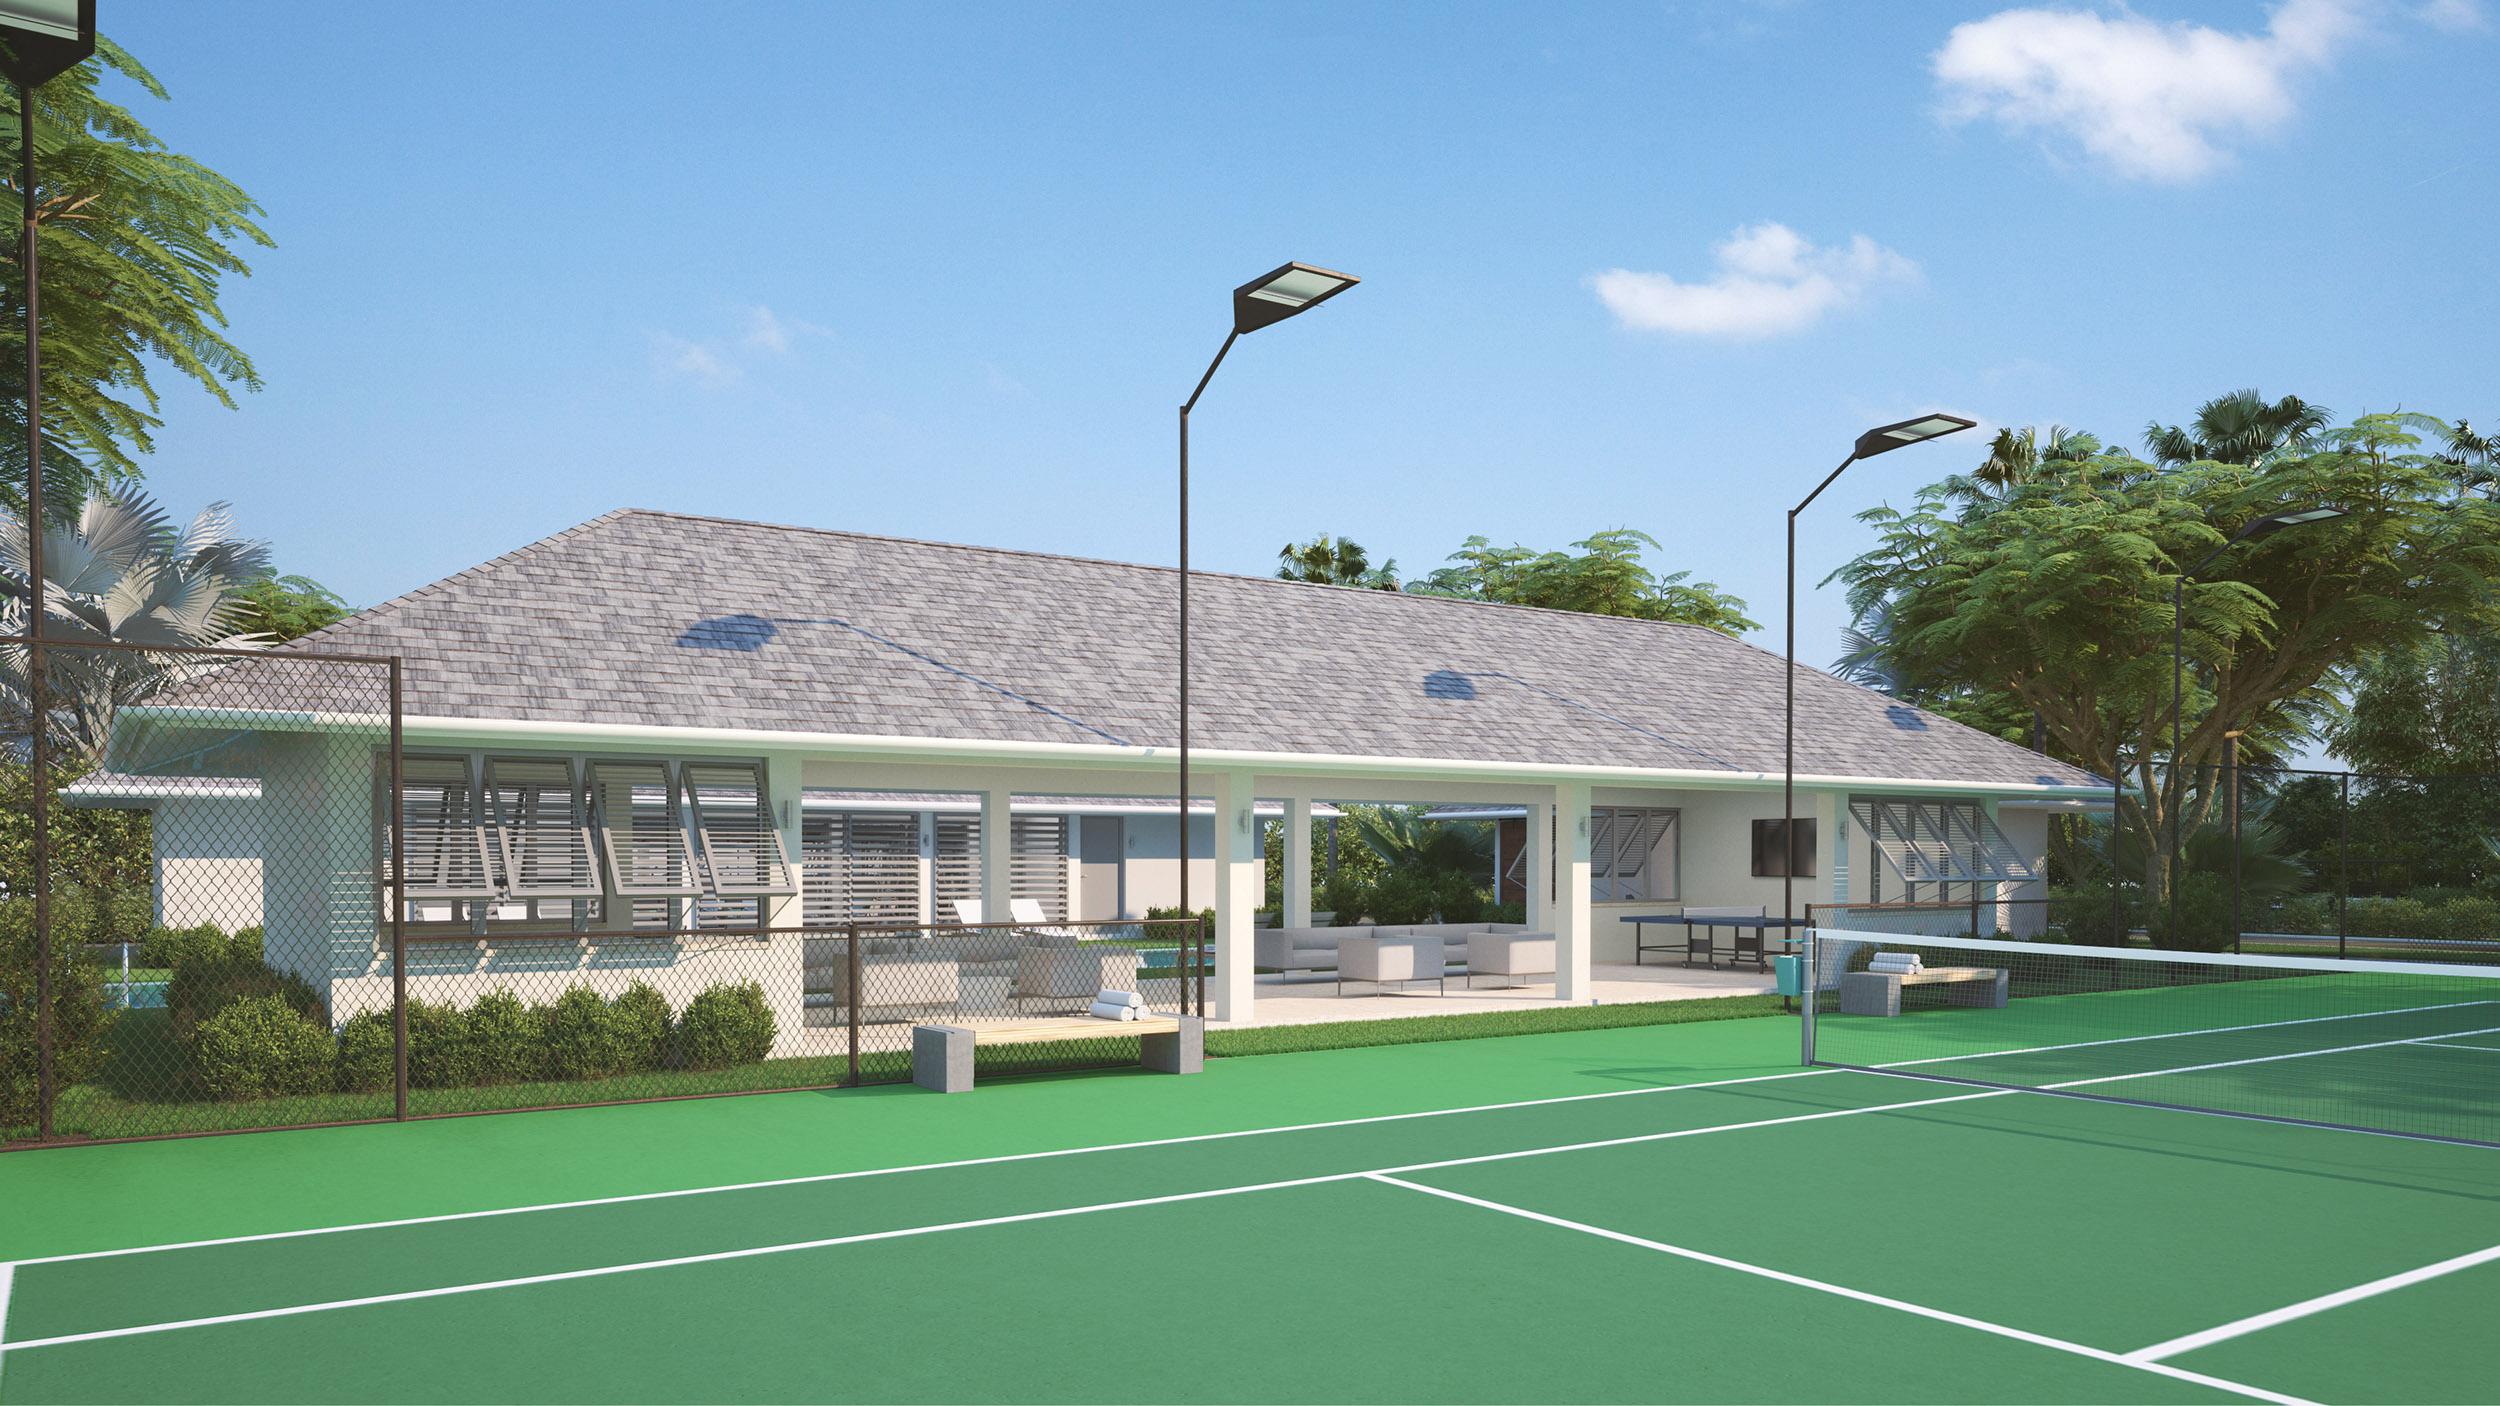 Wymara Villas - computer rendered view of the tennis court